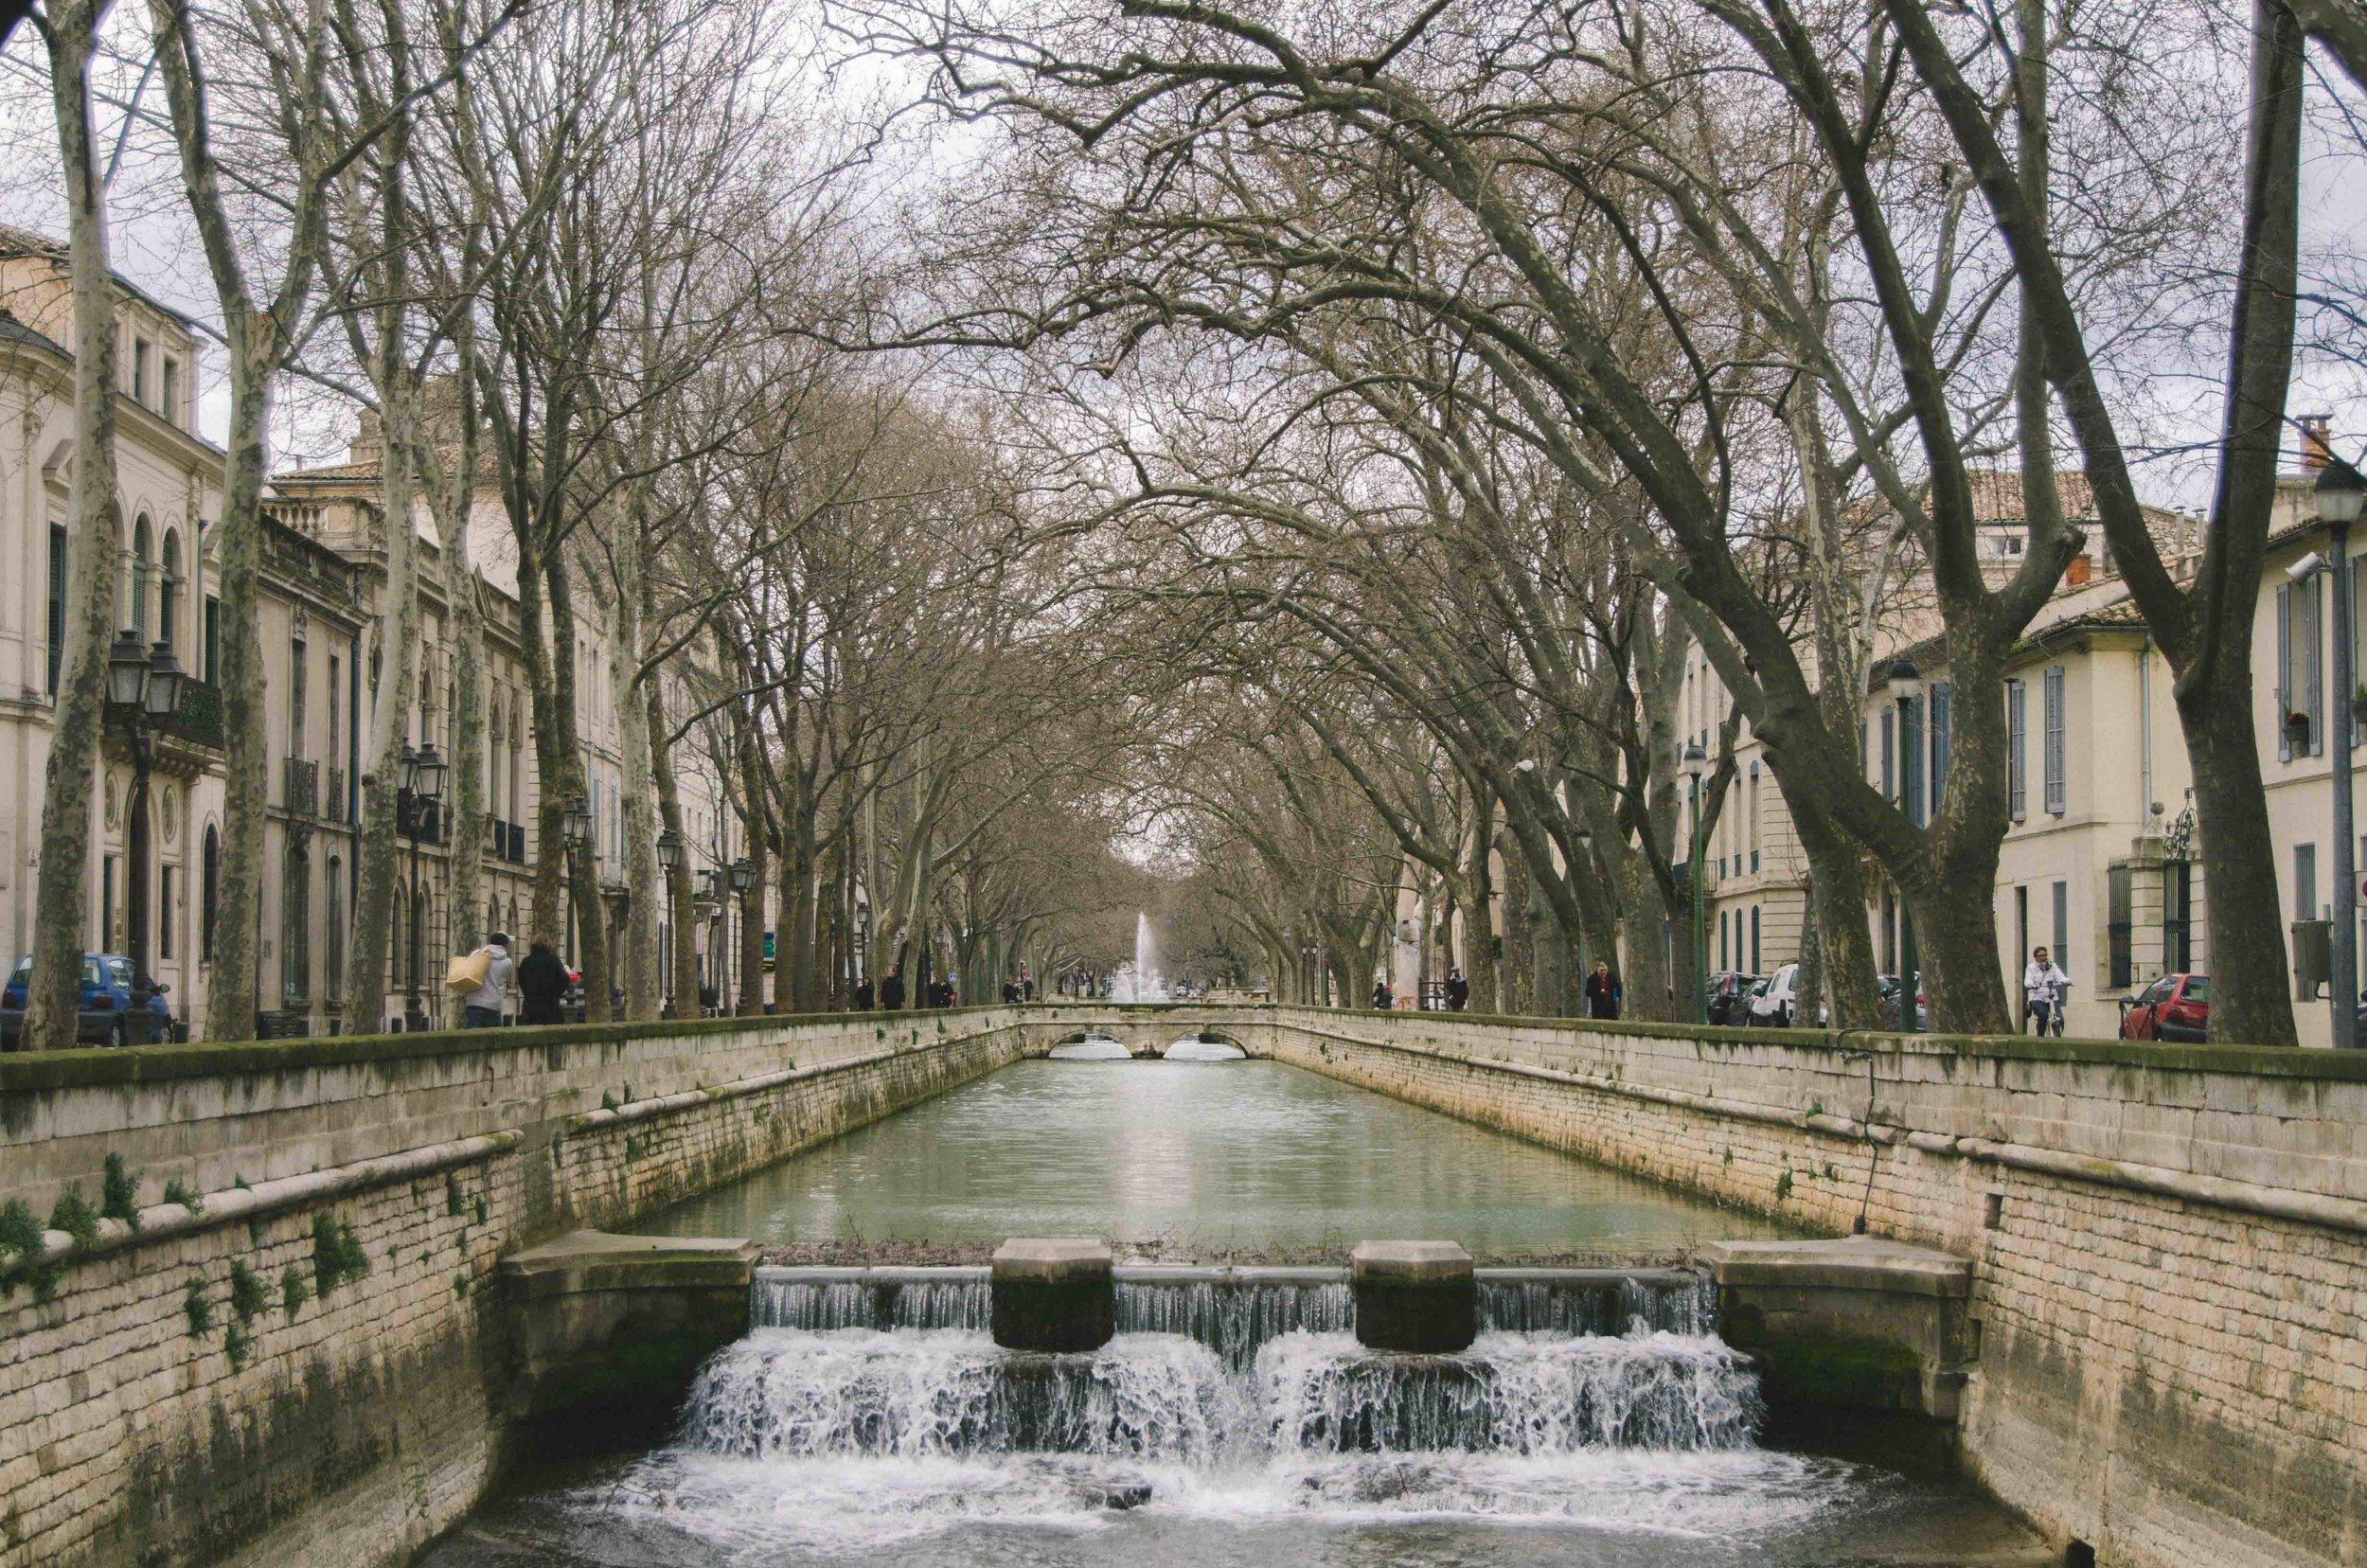 march 4 // Canal near Les Jardins de la Fontaine